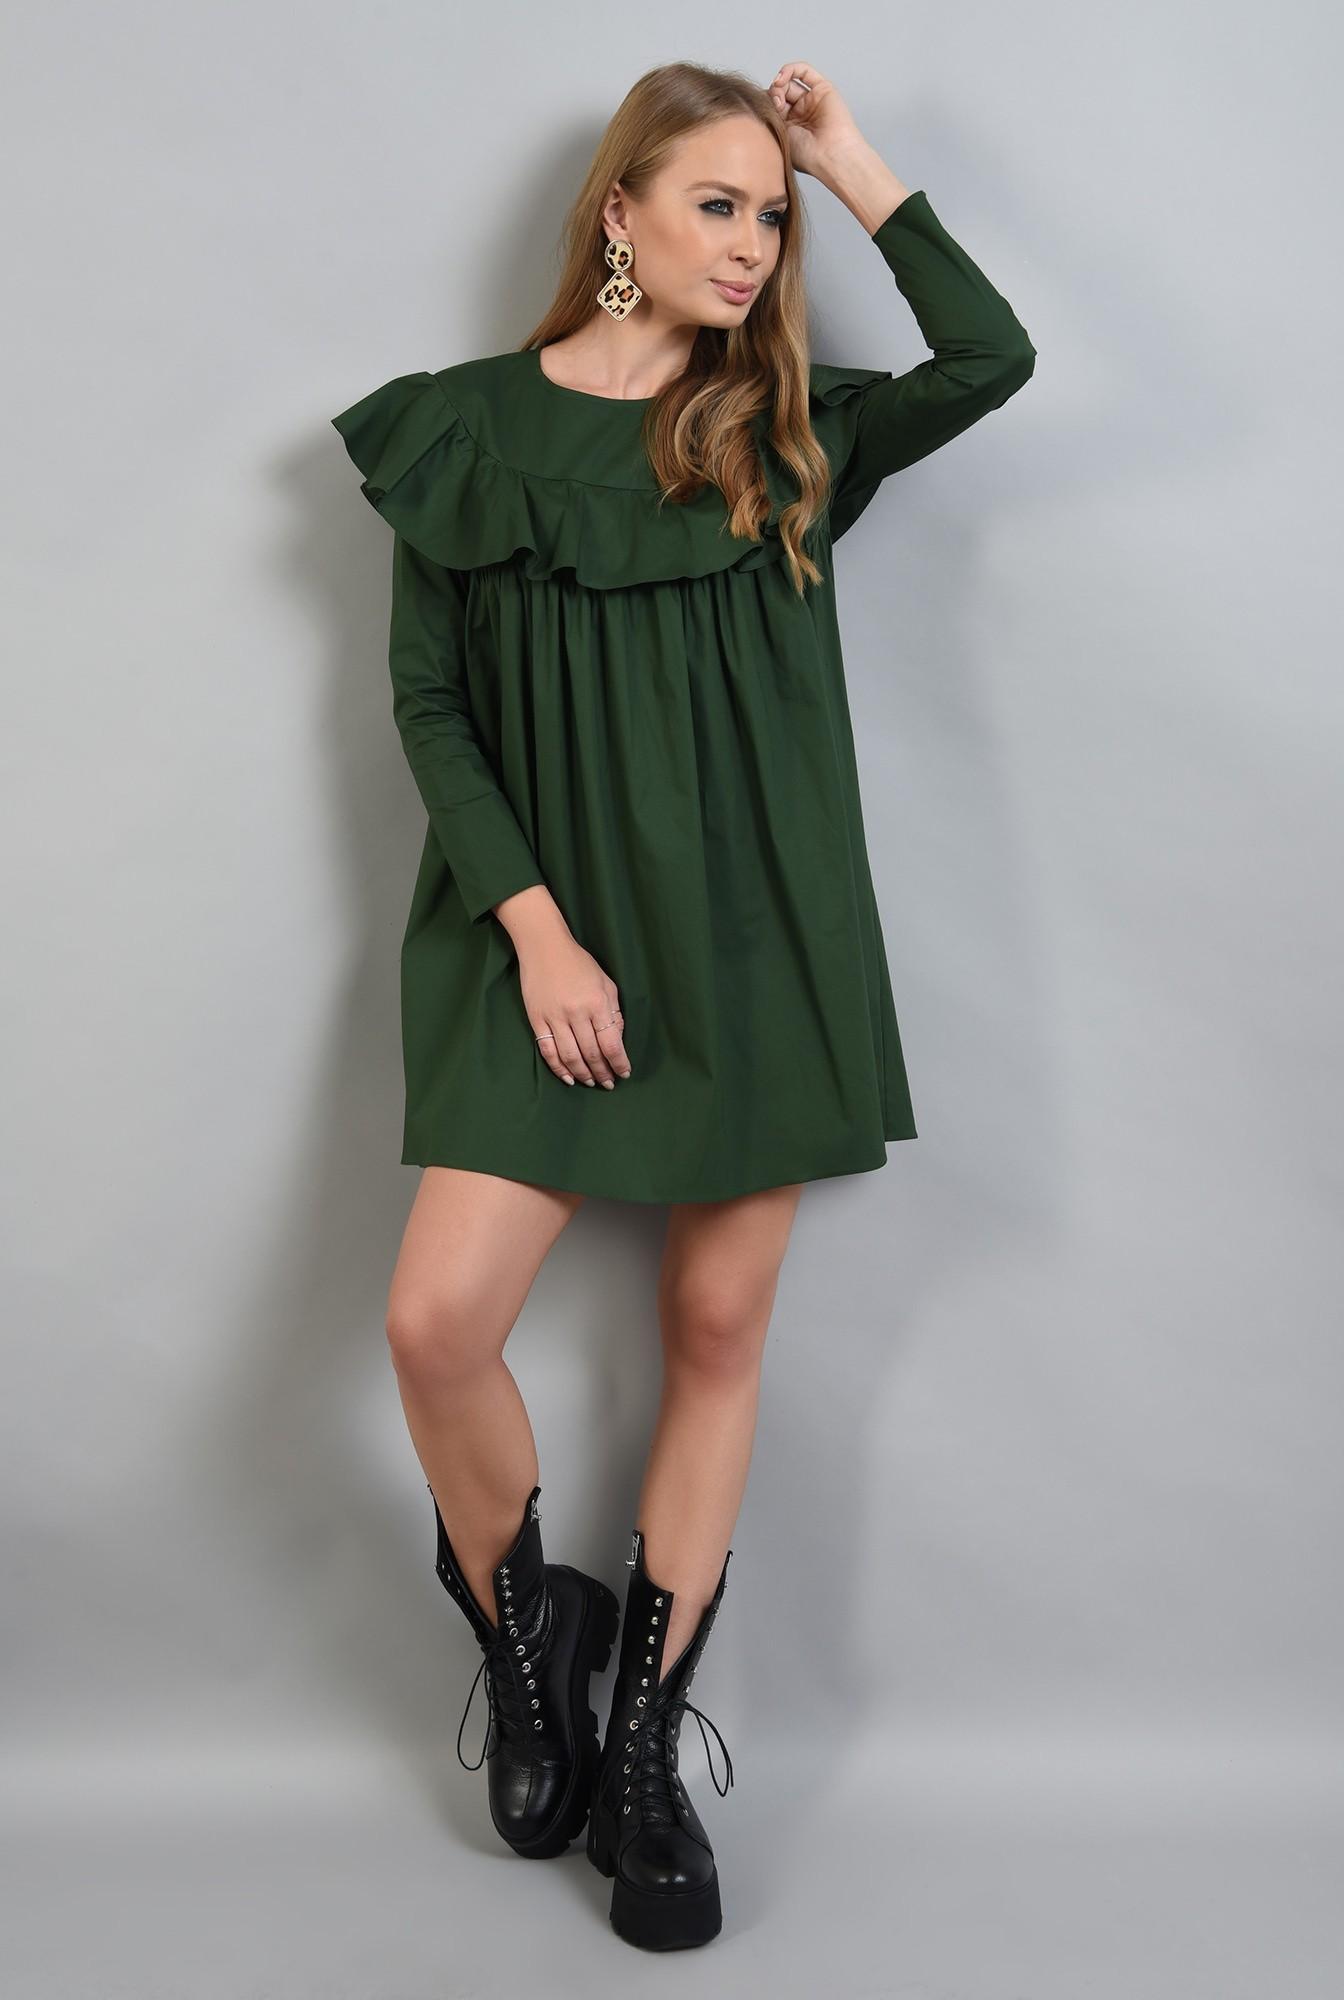 0 - rochie verde, dreapta, cu volan, Poema